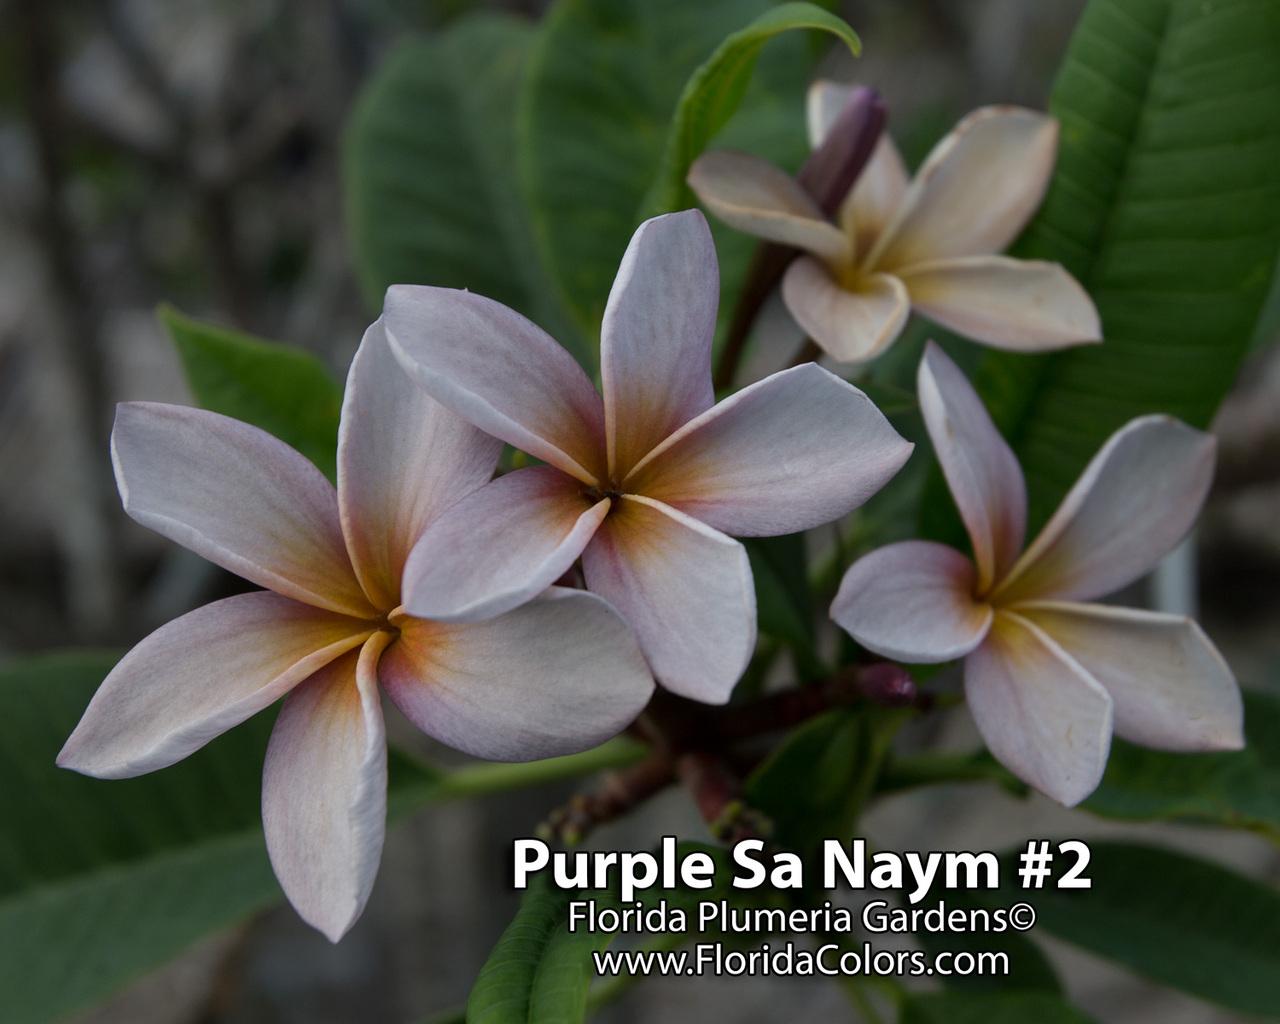 Purple Sa Neym (rooted)  aka Siam Lavender Plumeria Questions & Answers